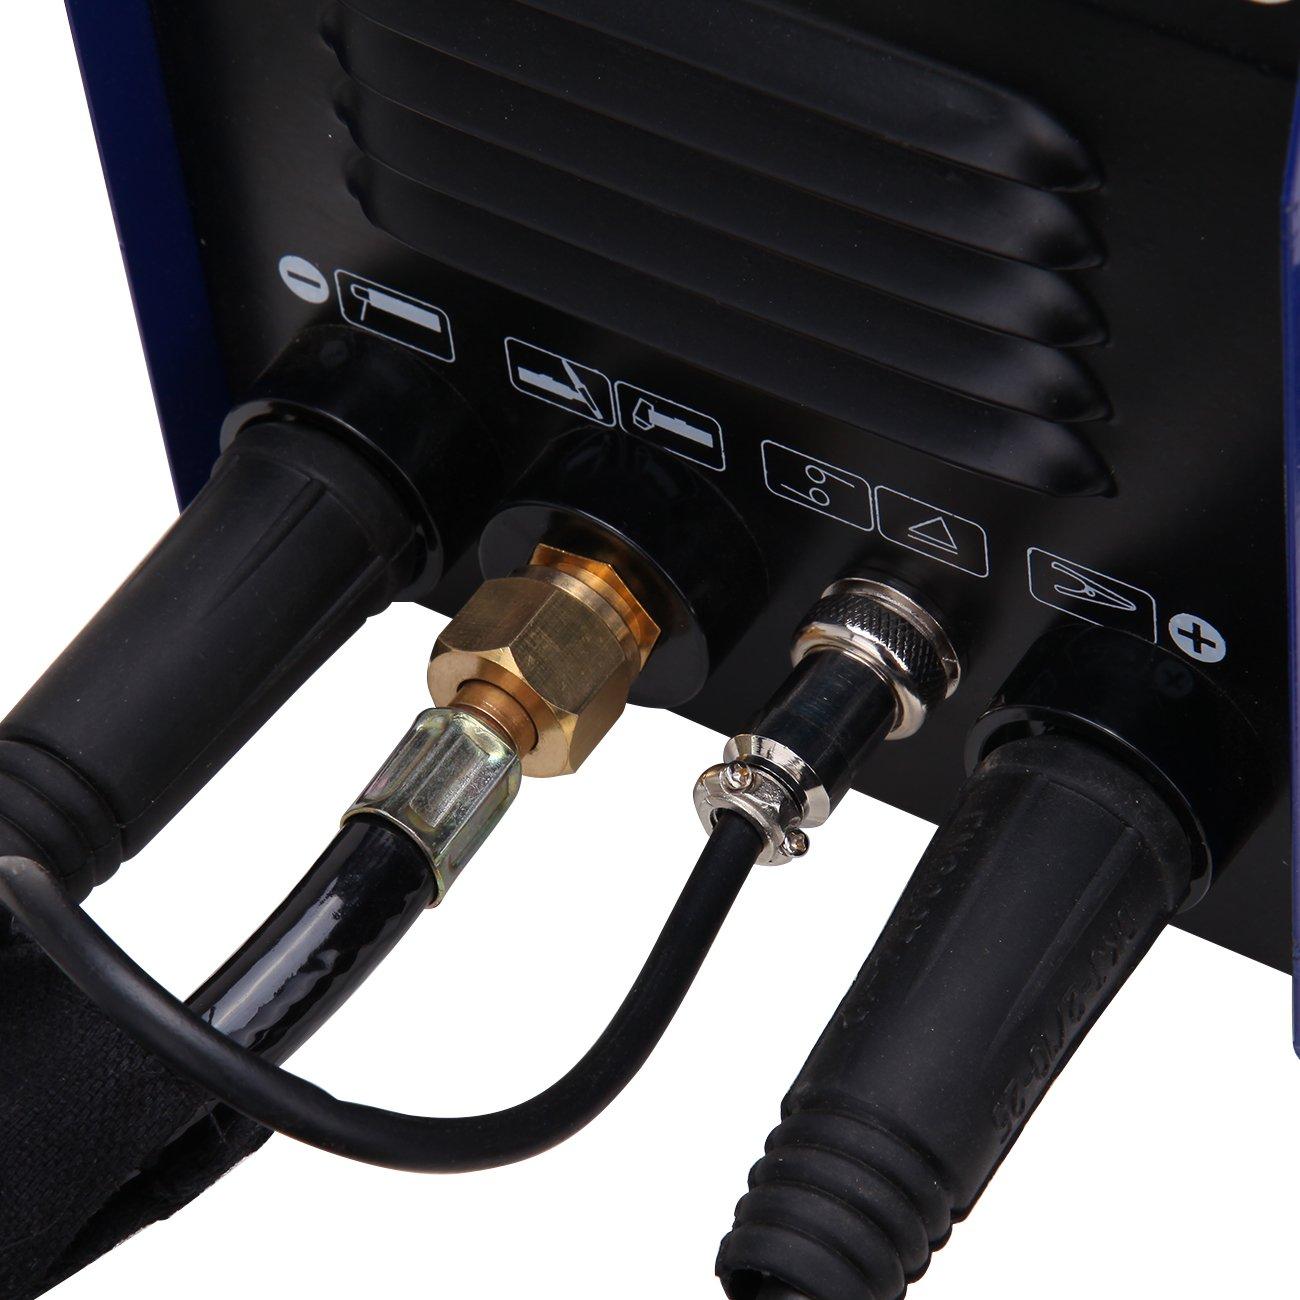 Ridgeyard 220V Máquina Soldadora Multifuncional 3 en 1 MMA / TIG / CUT Cortador de plasma inverso portátil: Amazon.es: Industria, empresas y ciencia